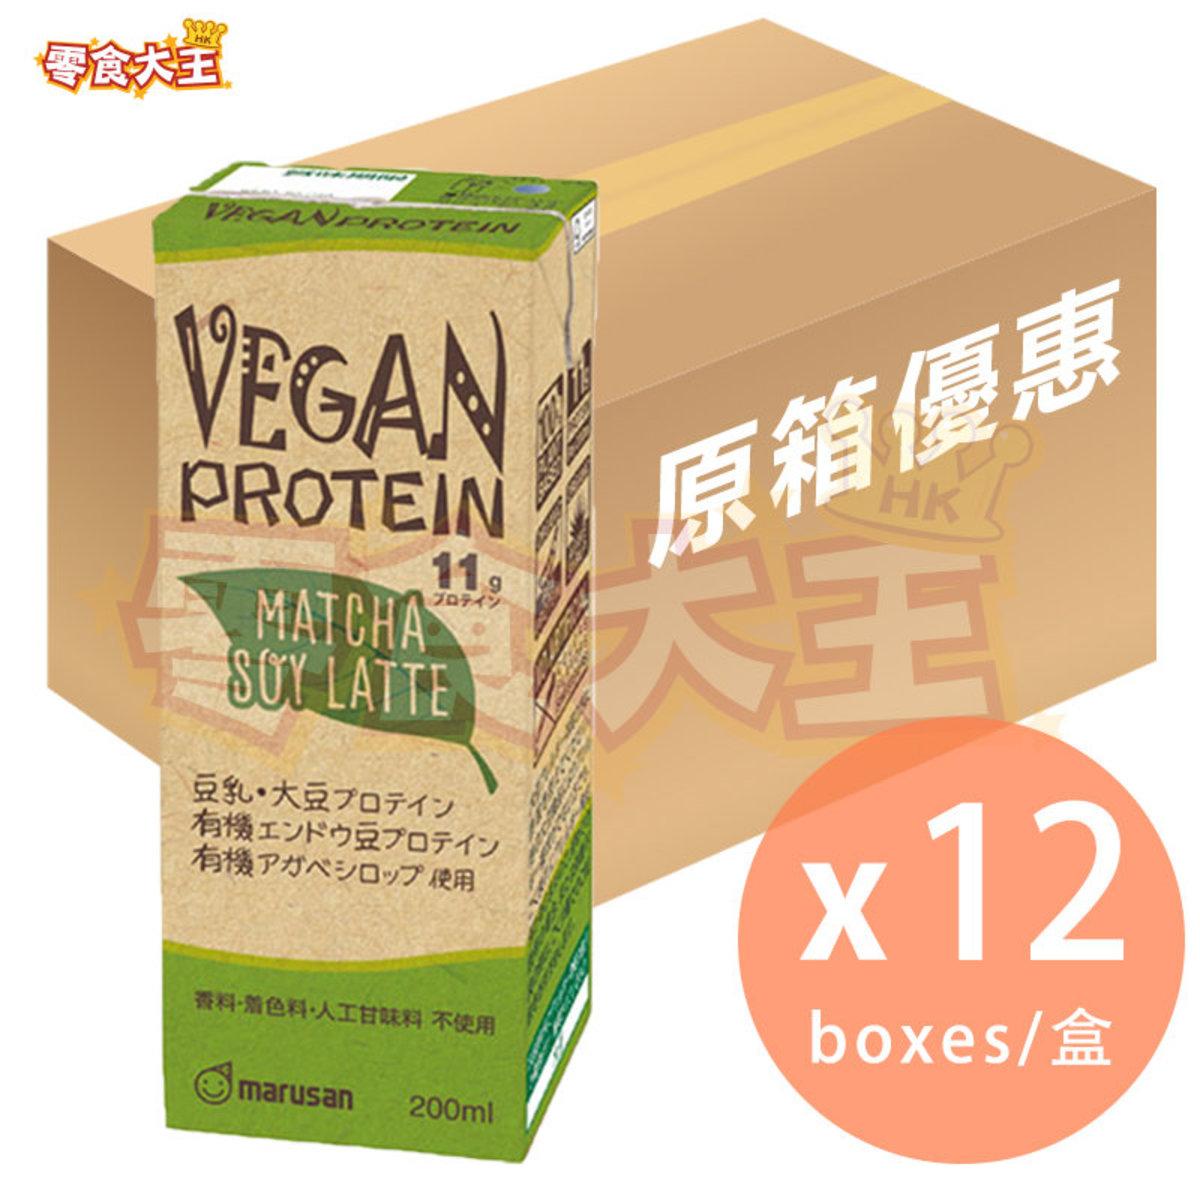 [原箱] 素食蛋白抹茶大豆Latte 200ml x 12盒 (4901033643331_12)